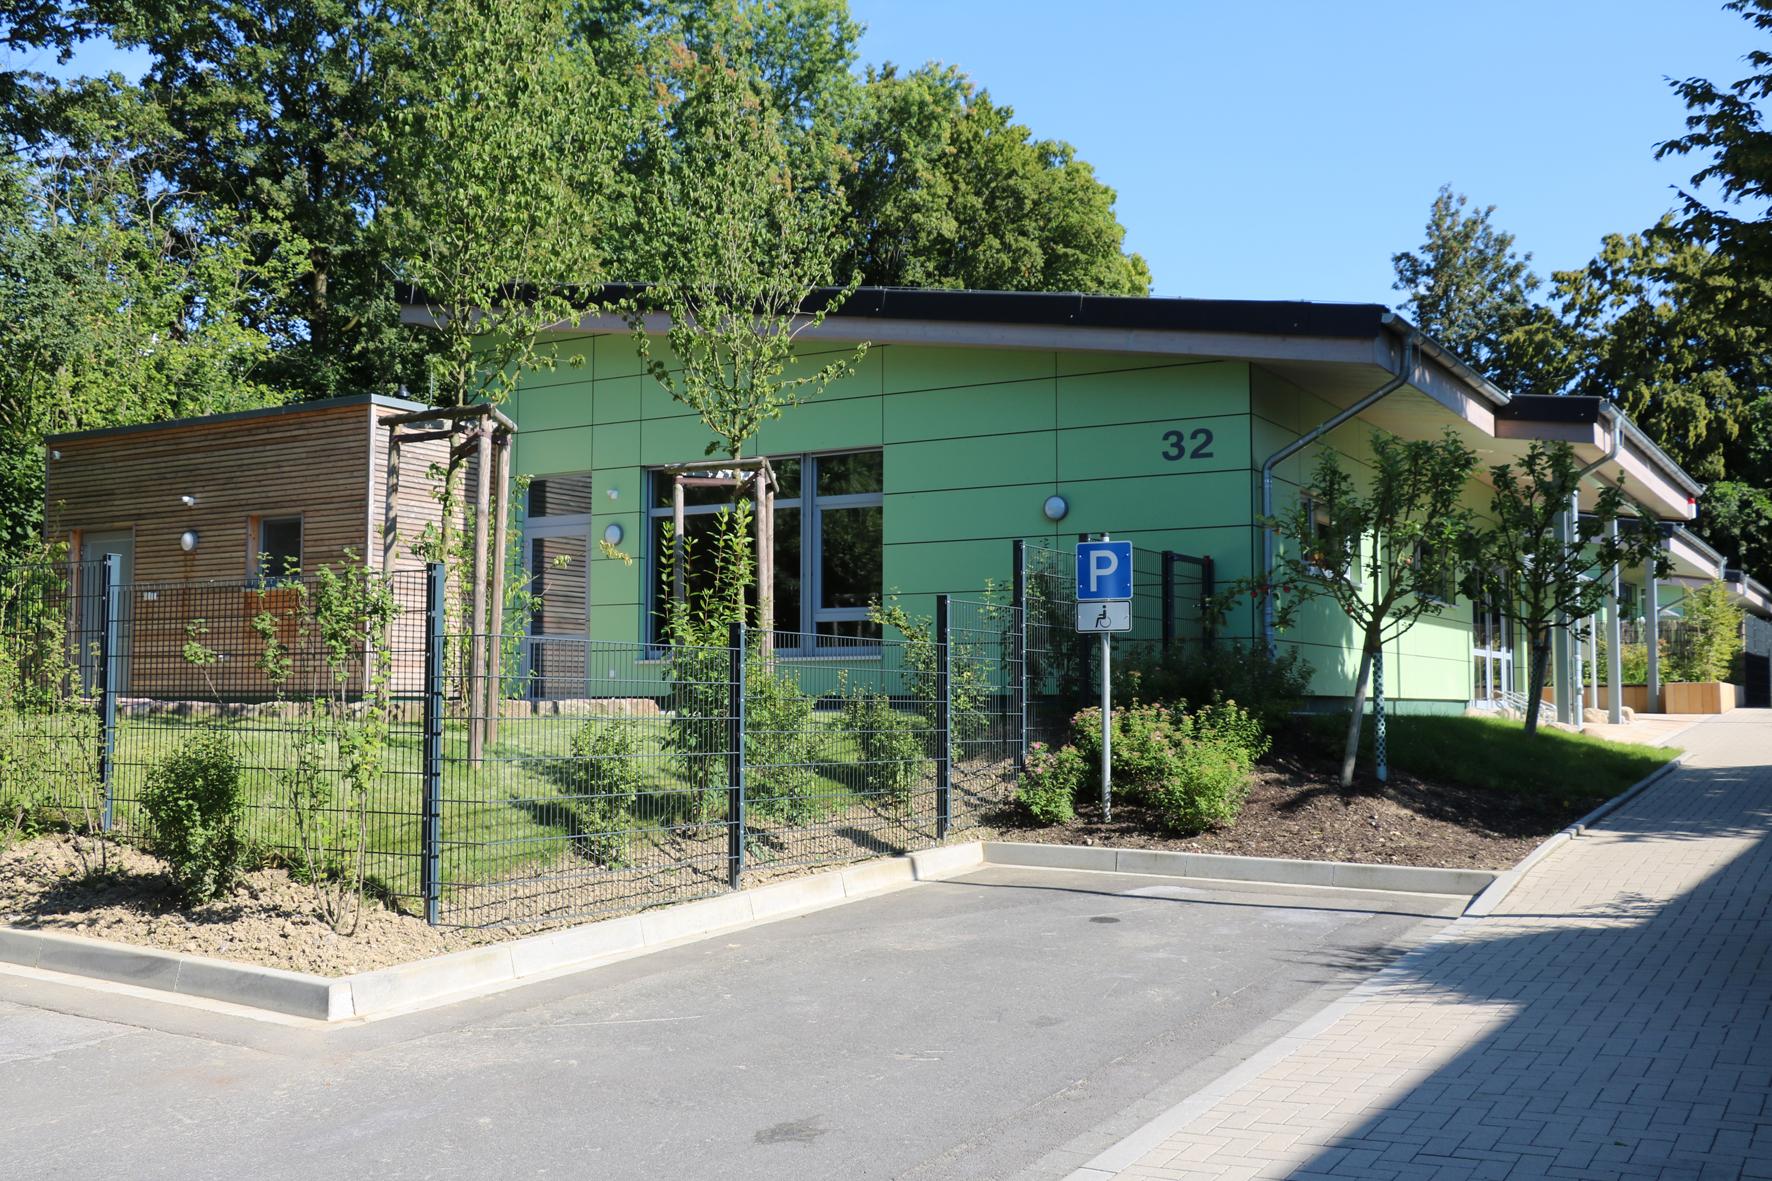 Caritas Familienzentrum Goldberg